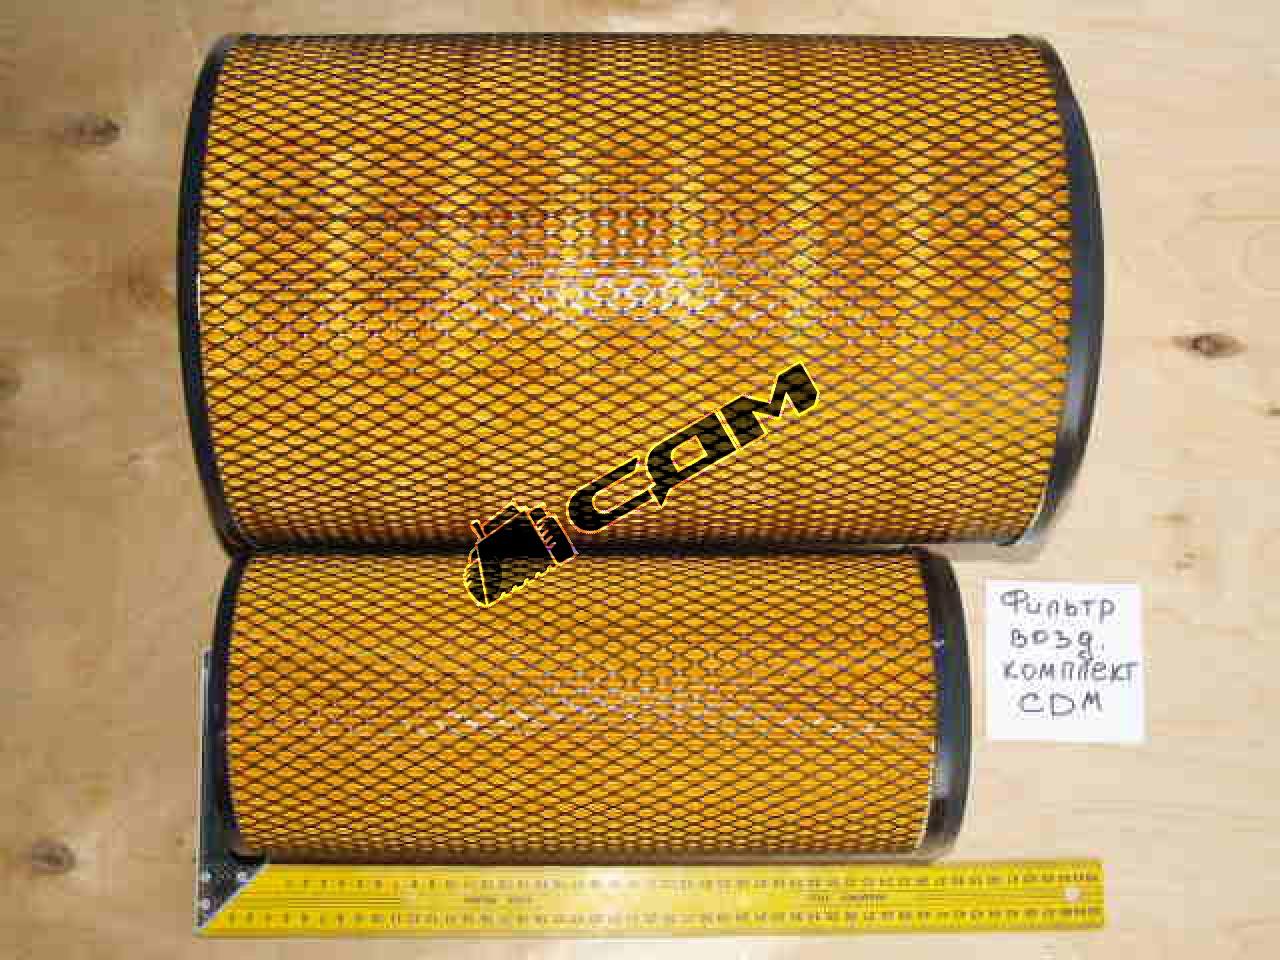 Фильтр воздушный (внешний+внутренний) CDM855/853/860 K2640 K2640/ 612600110540